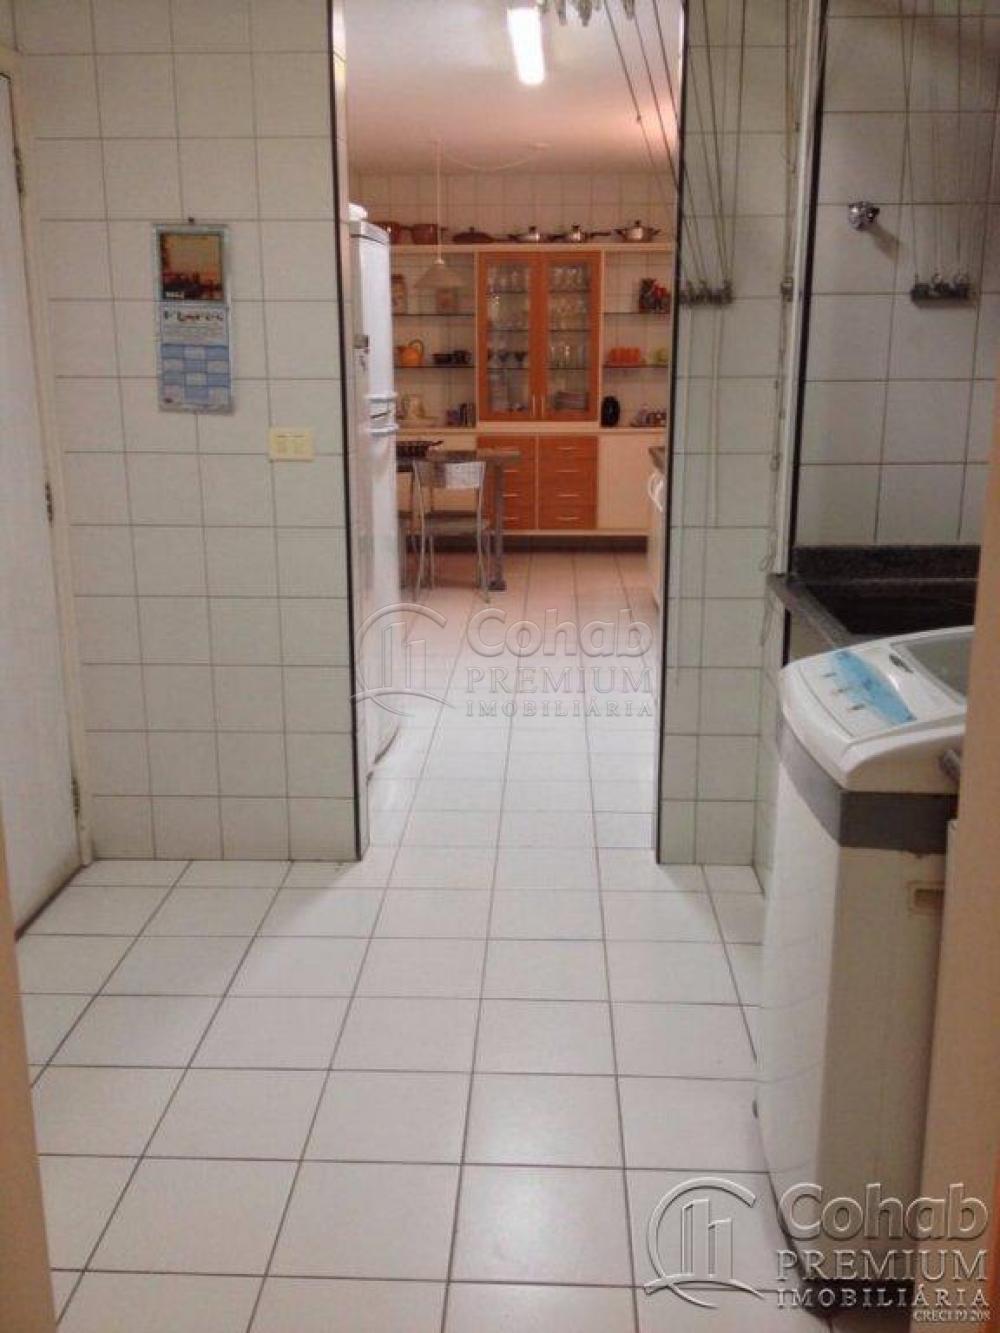 Comprar Apartamento / Padrão em Aracaju apenas R$ 1.300.000,00 - Foto 12